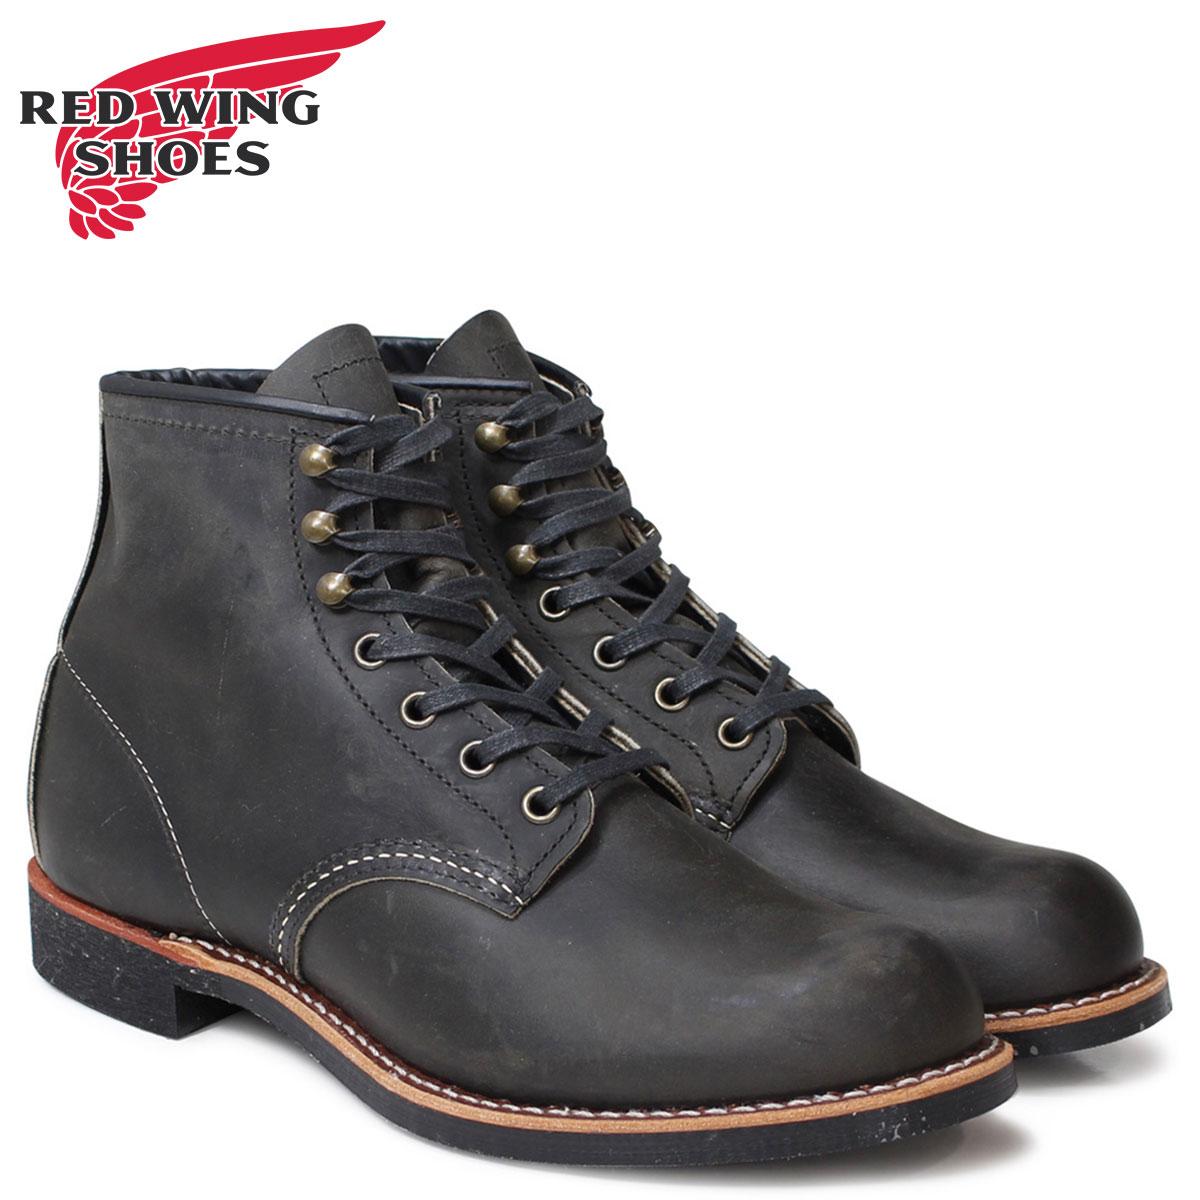 e5967573087a RED WING レッドウィング ブーツ アイリッシュセッター BLACKSMITH ROUND TOE アイリッシュセッターブーツ D